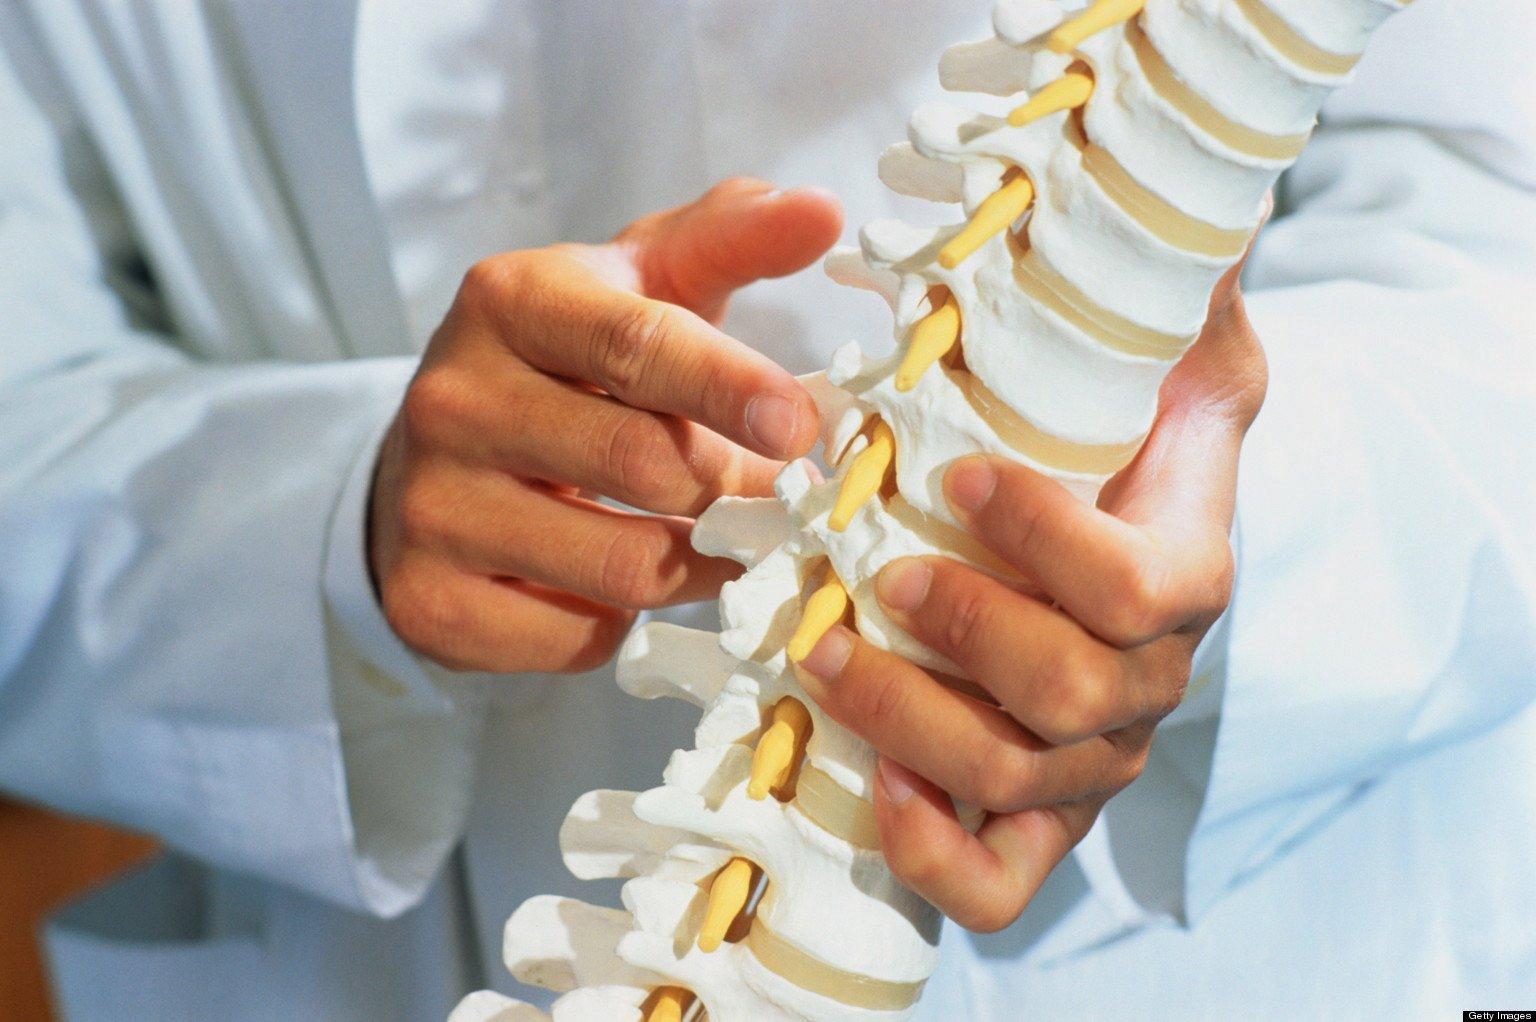 Диффузный остеопороз диагностика и методы лечения